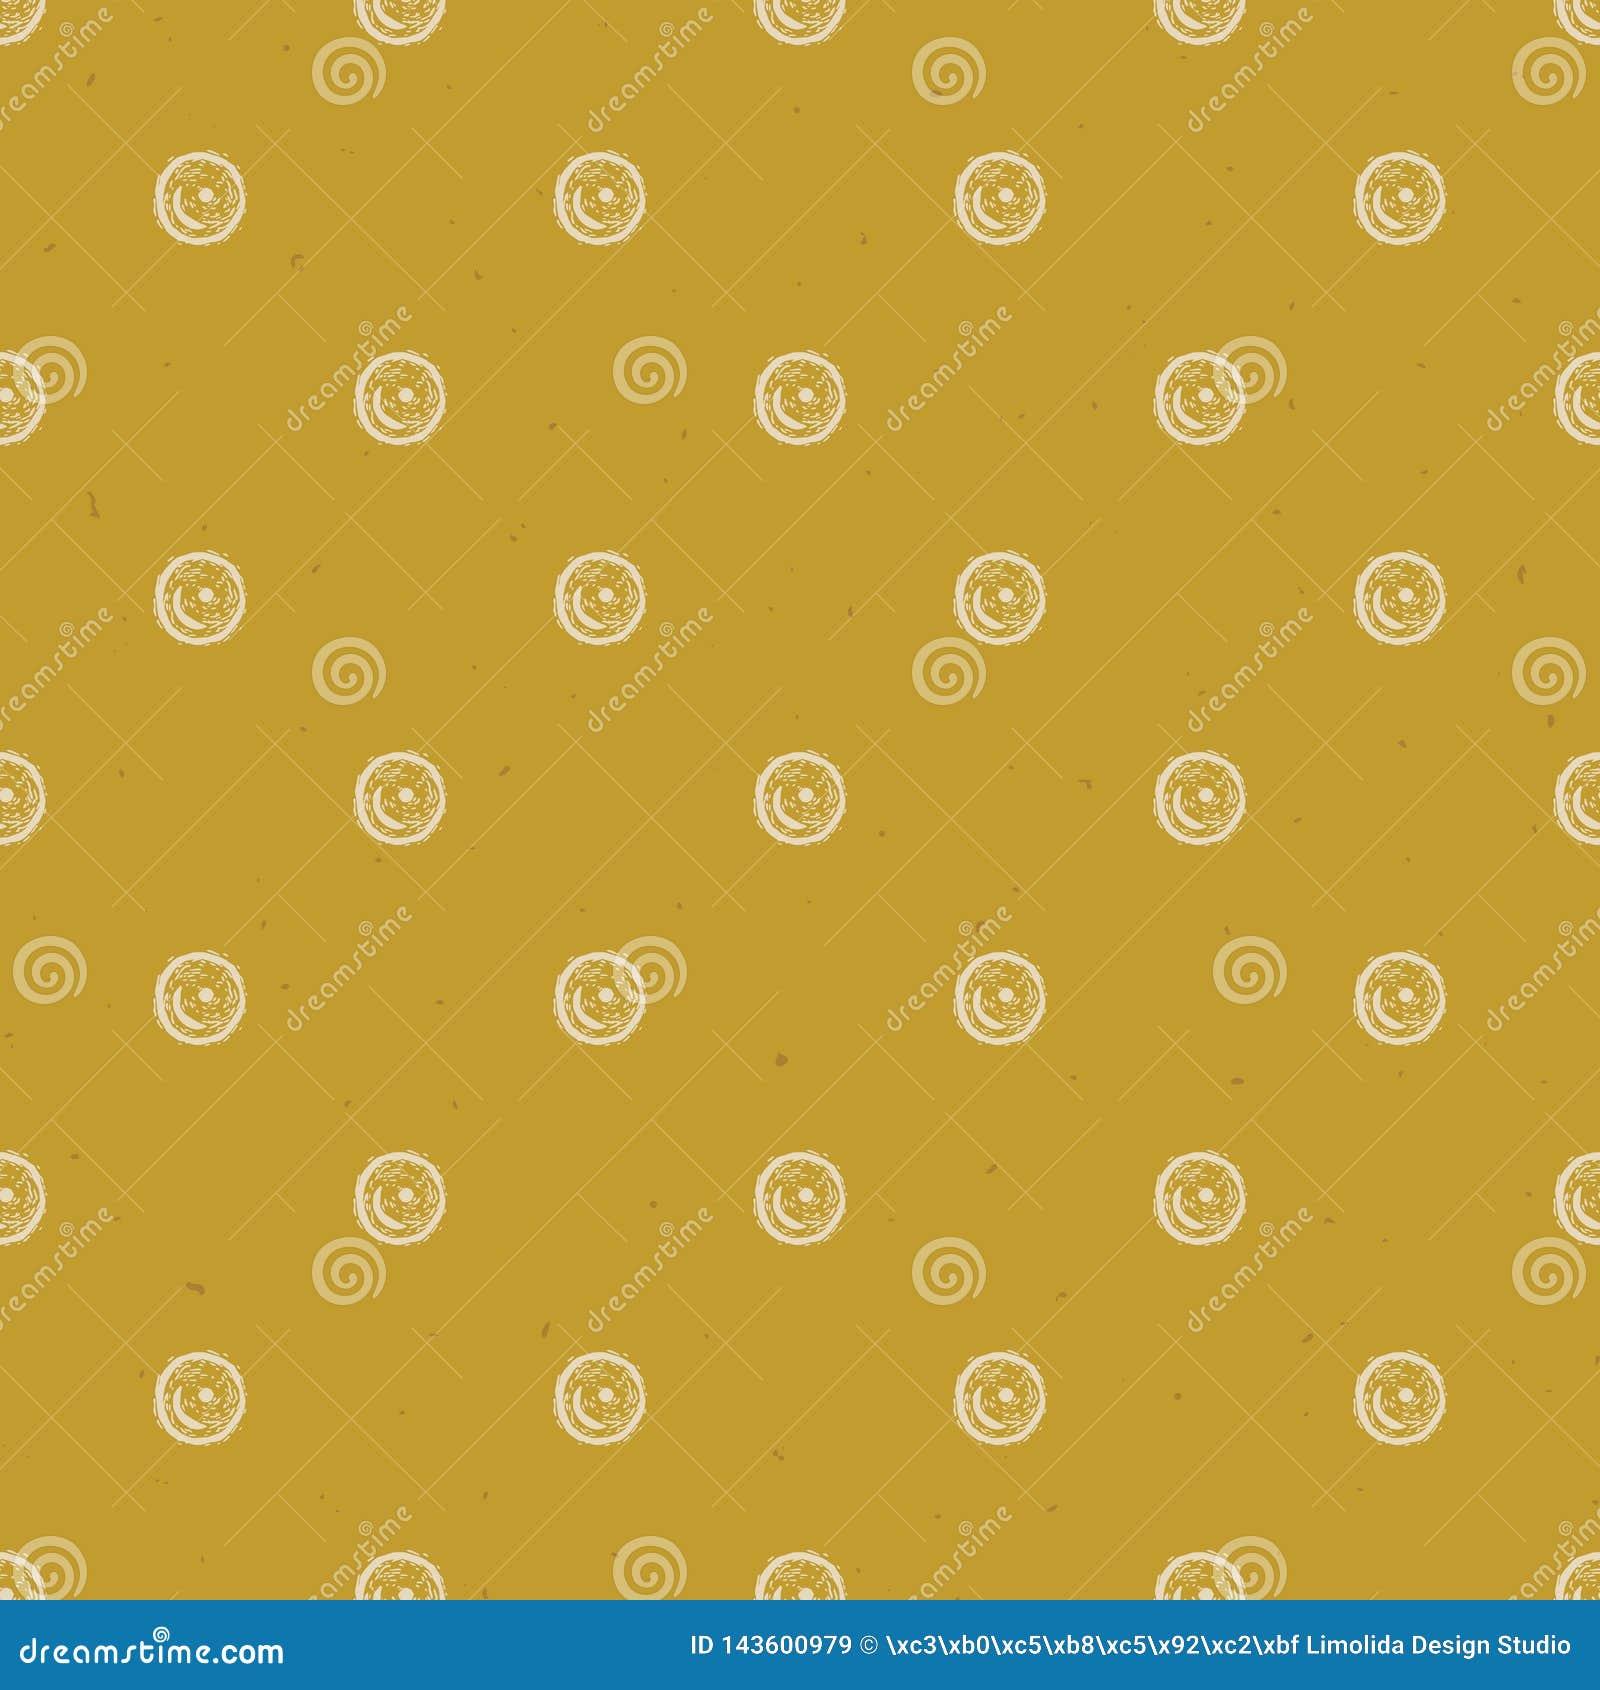 PolkaDots Lino Cut Texture Seamless Vector för Grunge lantlig modell